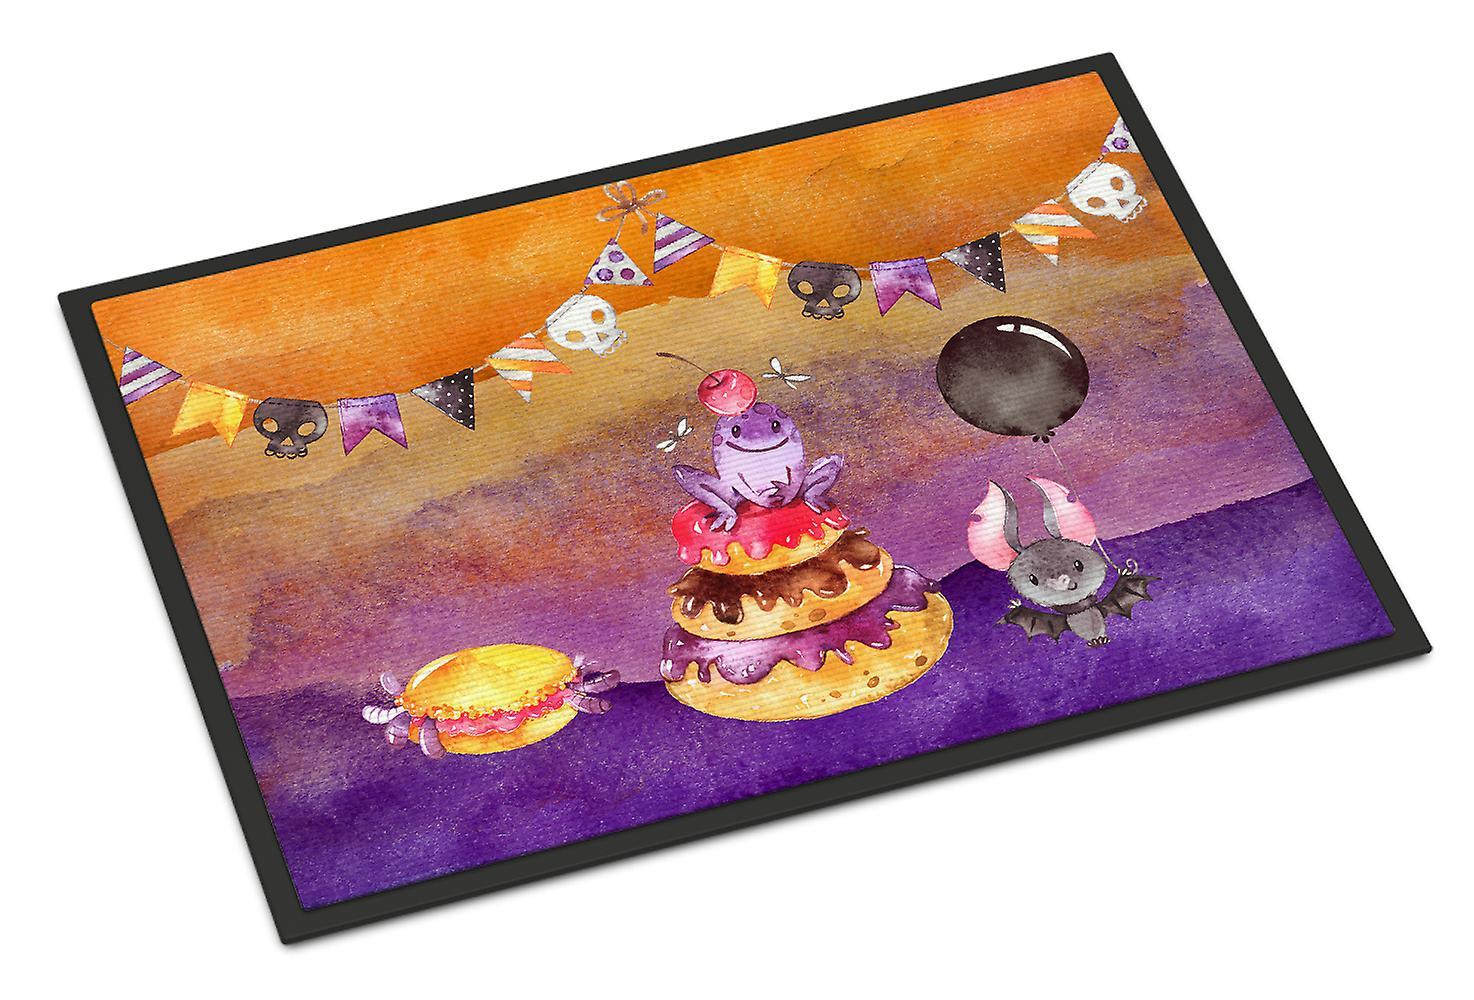 Halloween Snoep.Halloween Snoep Partij Indoor Of Outdoor Mat 24 X 36